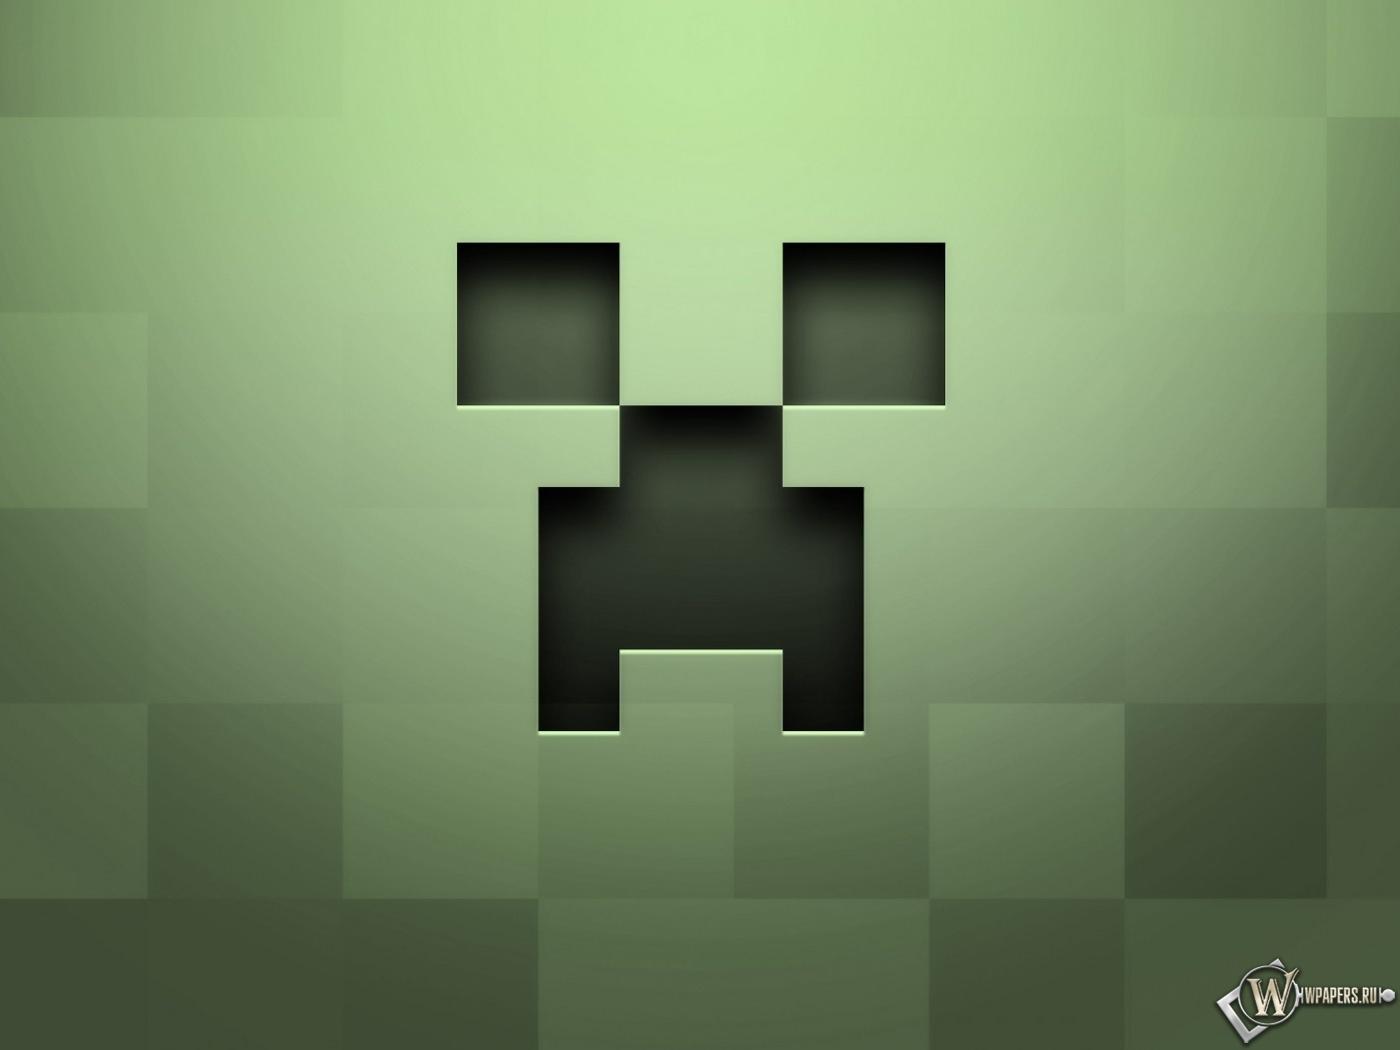 Крипера minecraft игры обоев 11 minecraft обоев 7